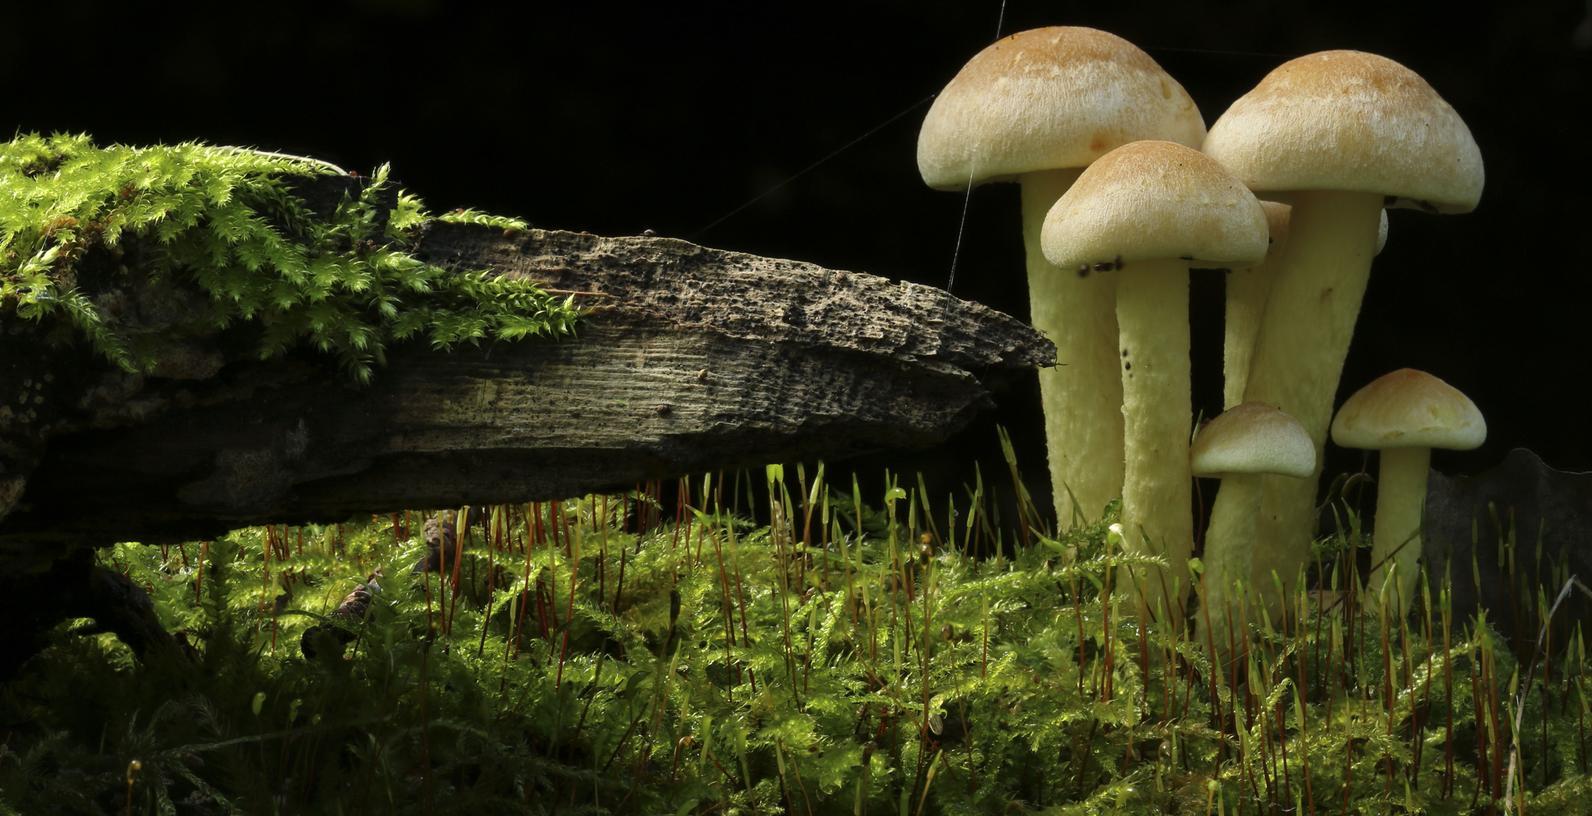 Die Spätfolgen des Super-Gau sind zum Teil heute noch präsent: Pilze aus Garmisch-Patenkirchen weisen radioaktive Werte auf.